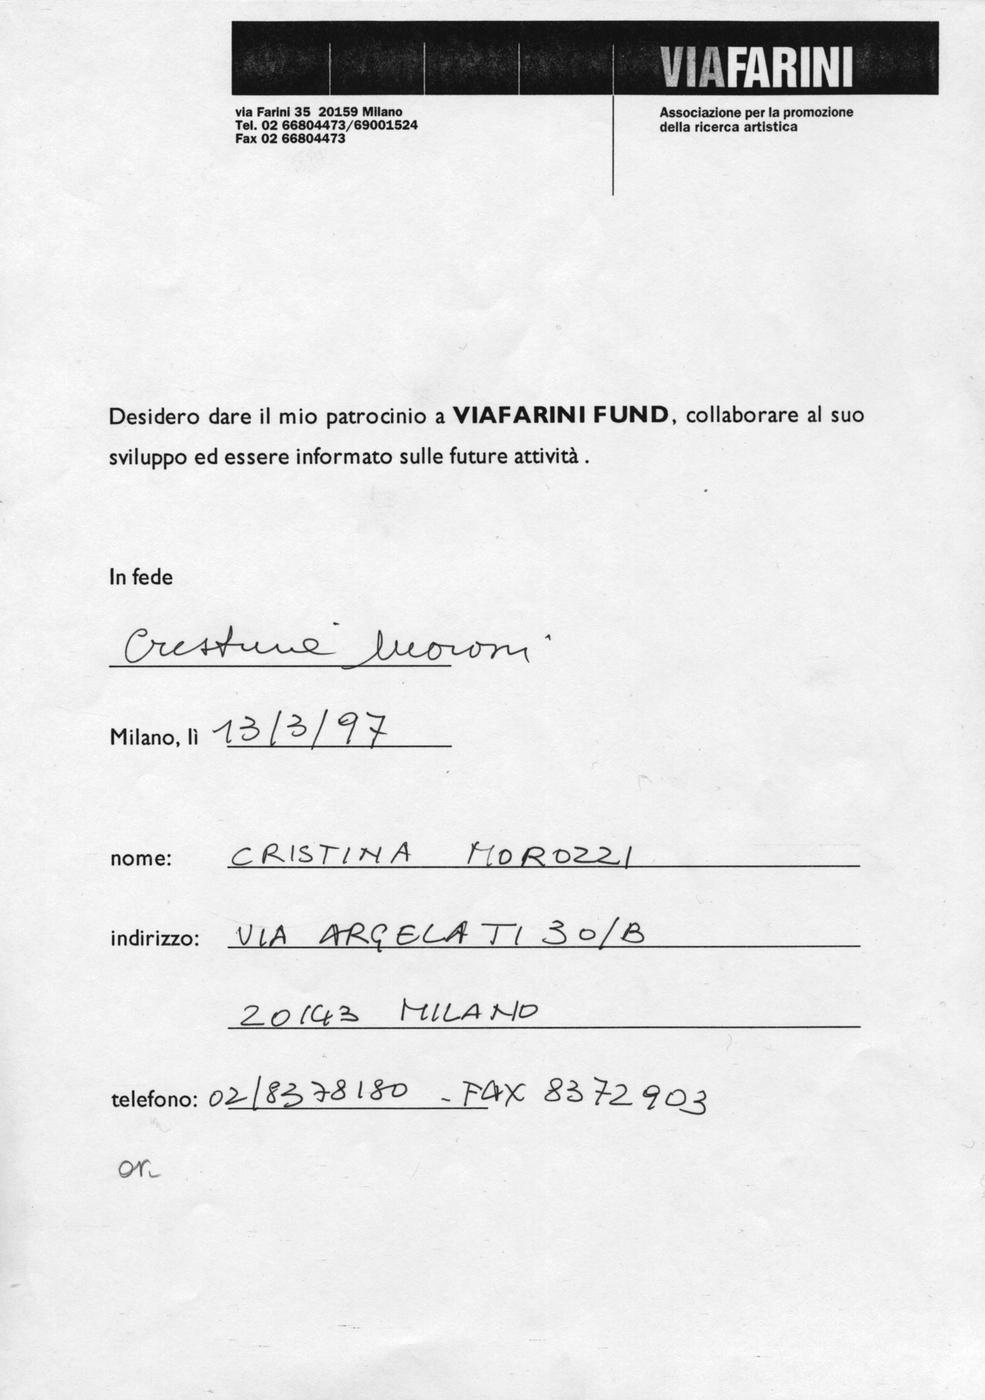 Massimo Morozzi, Quadri in esposizione, Al Viafarini Fund nel 1997